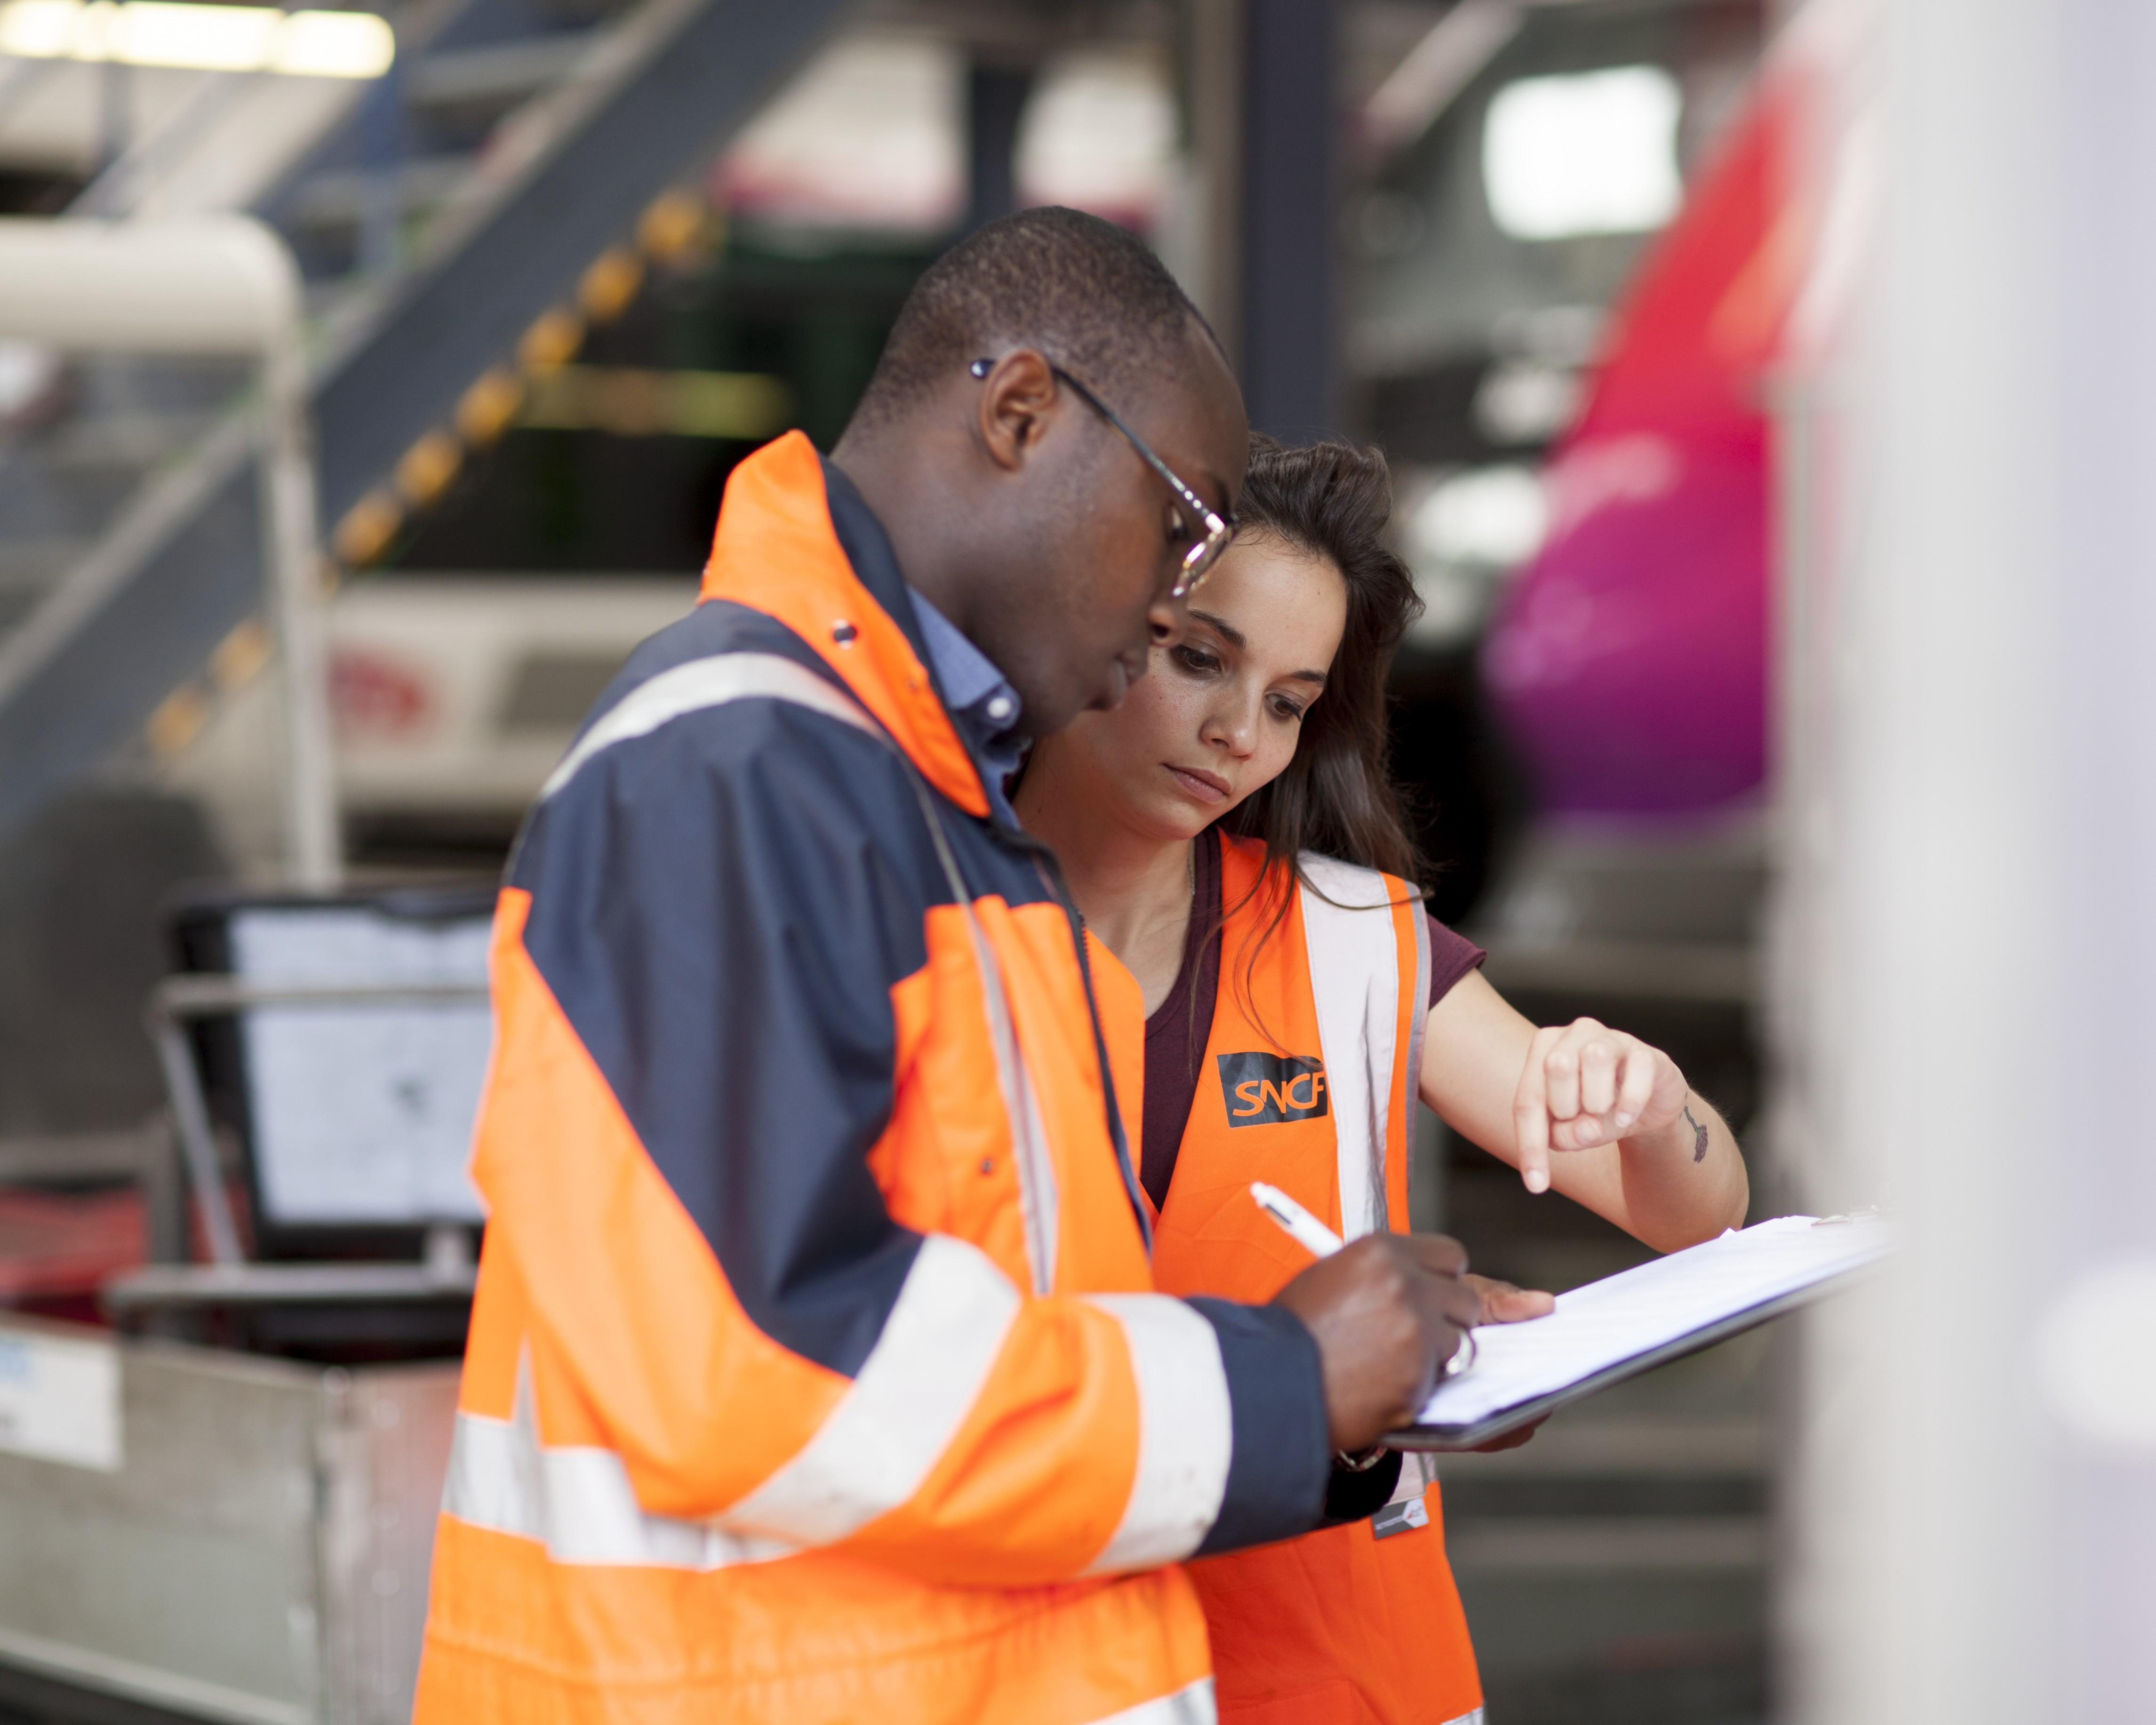 Les métiers de la maintenance du matériel, tels que les techniciens et techniciennes de maintenance en électronique ou en mécanique